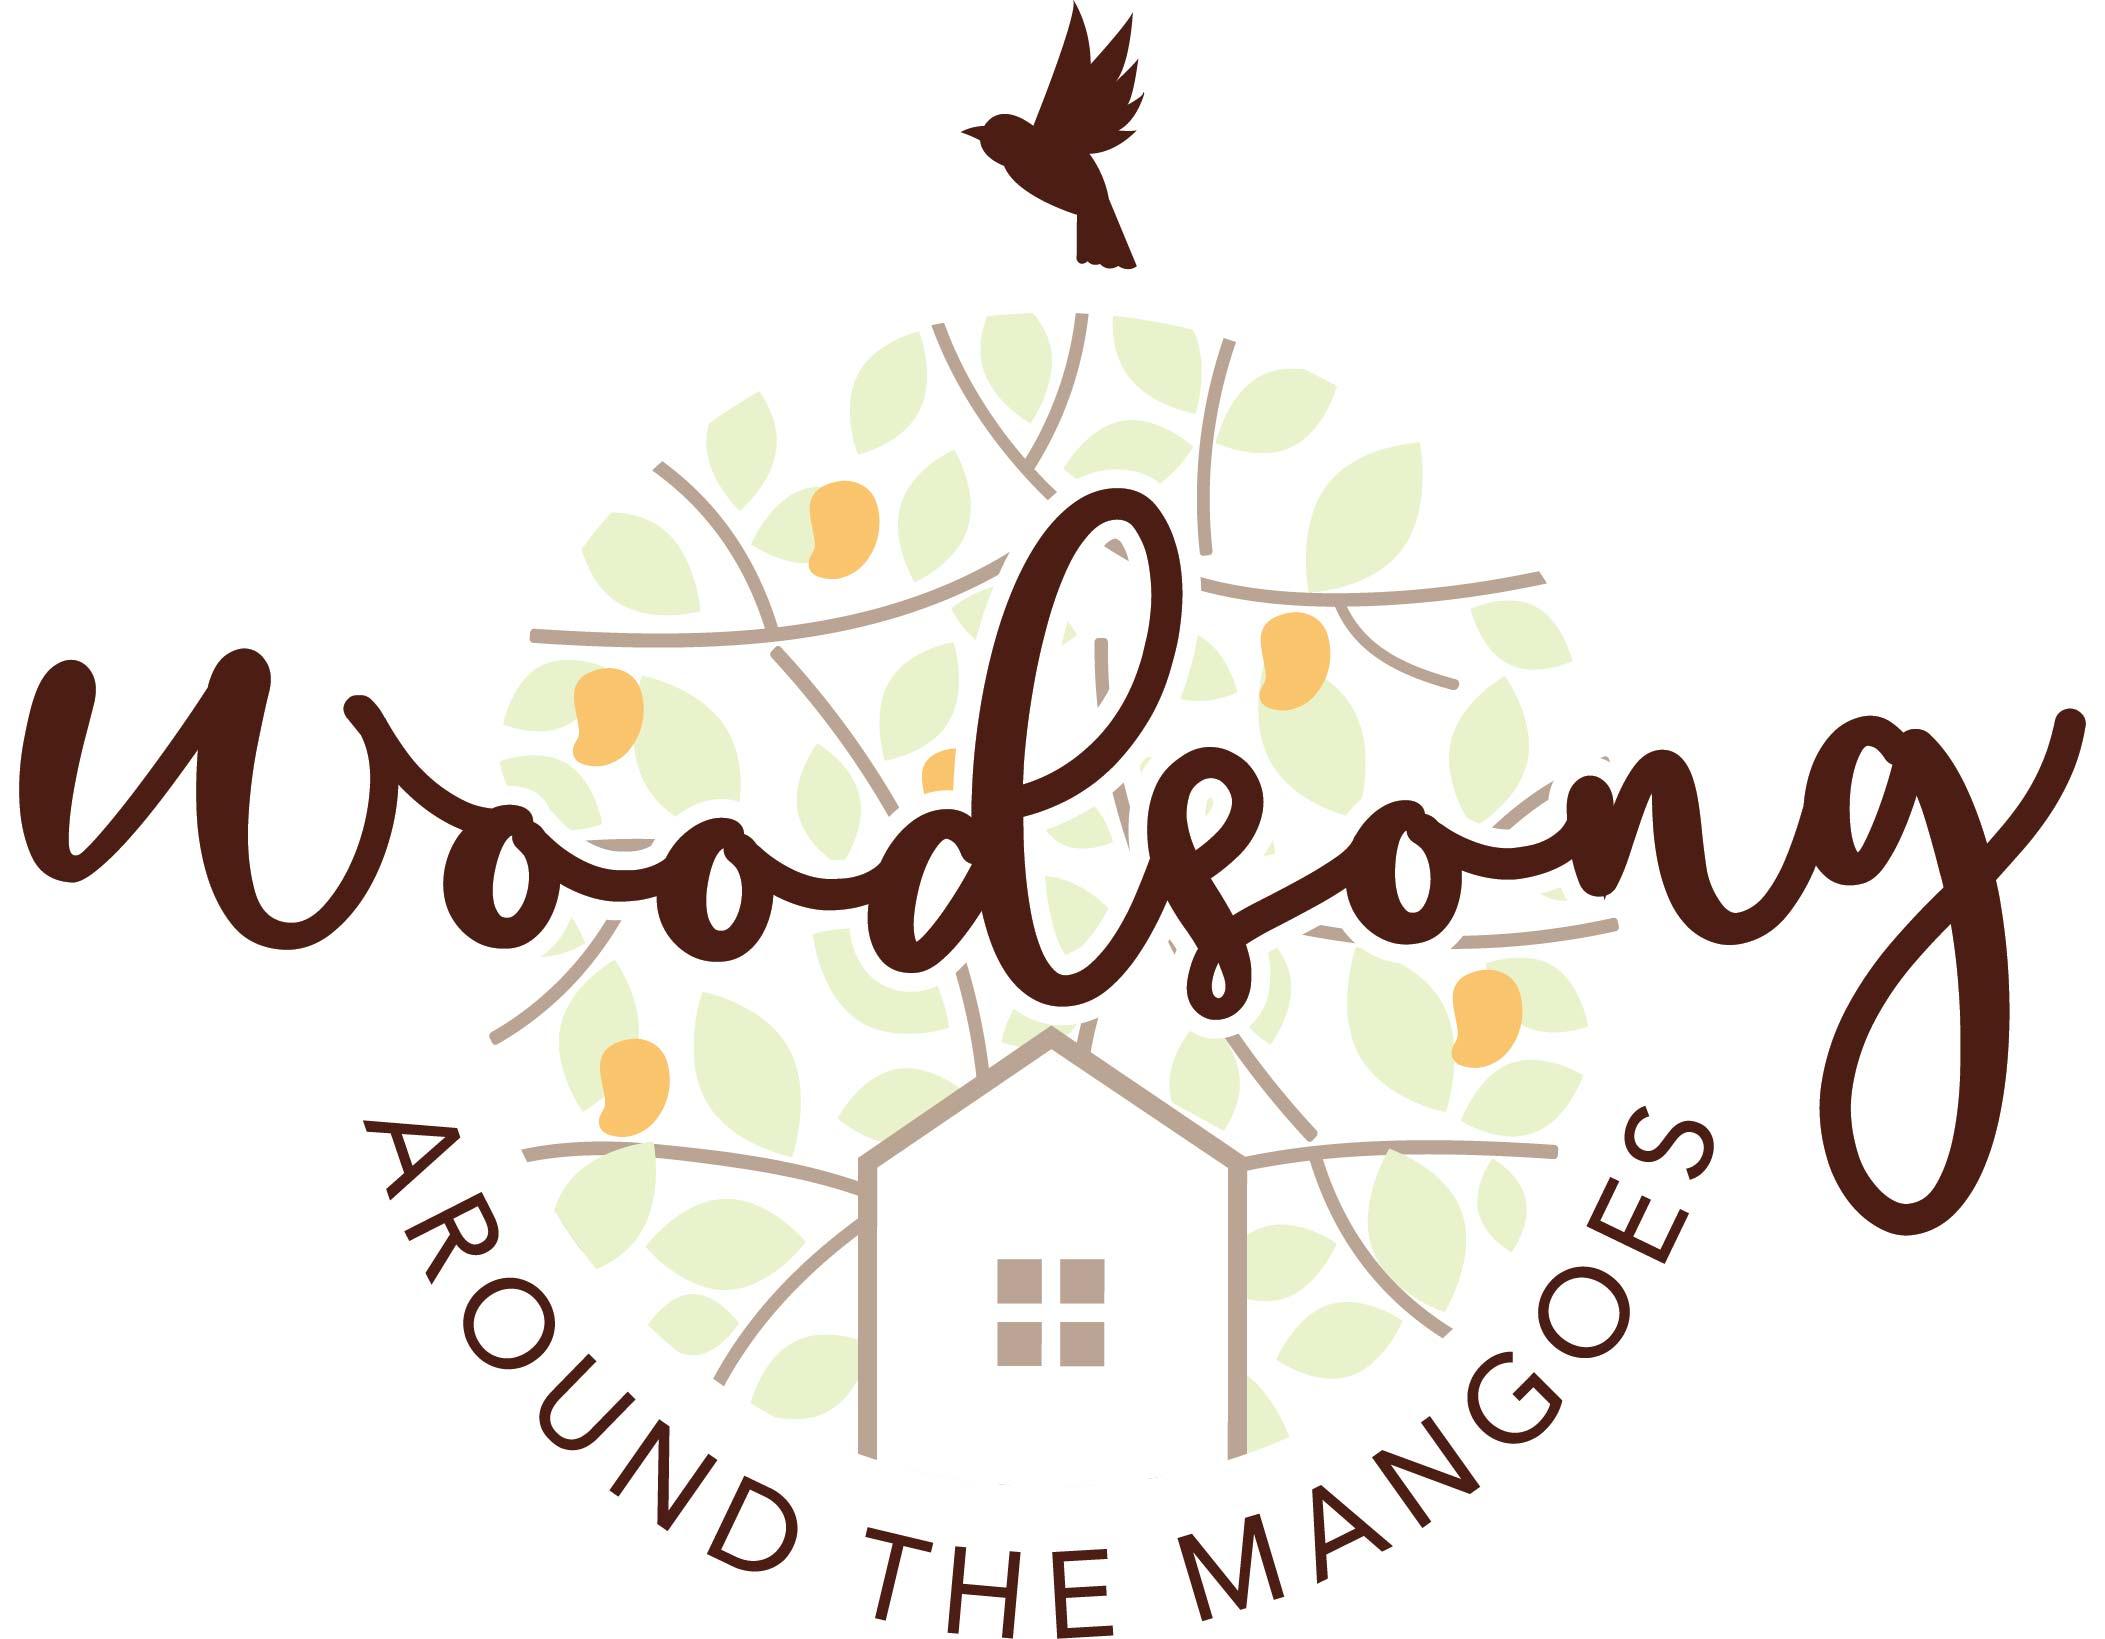 Woodsong Around the Mangoes Bangalore East